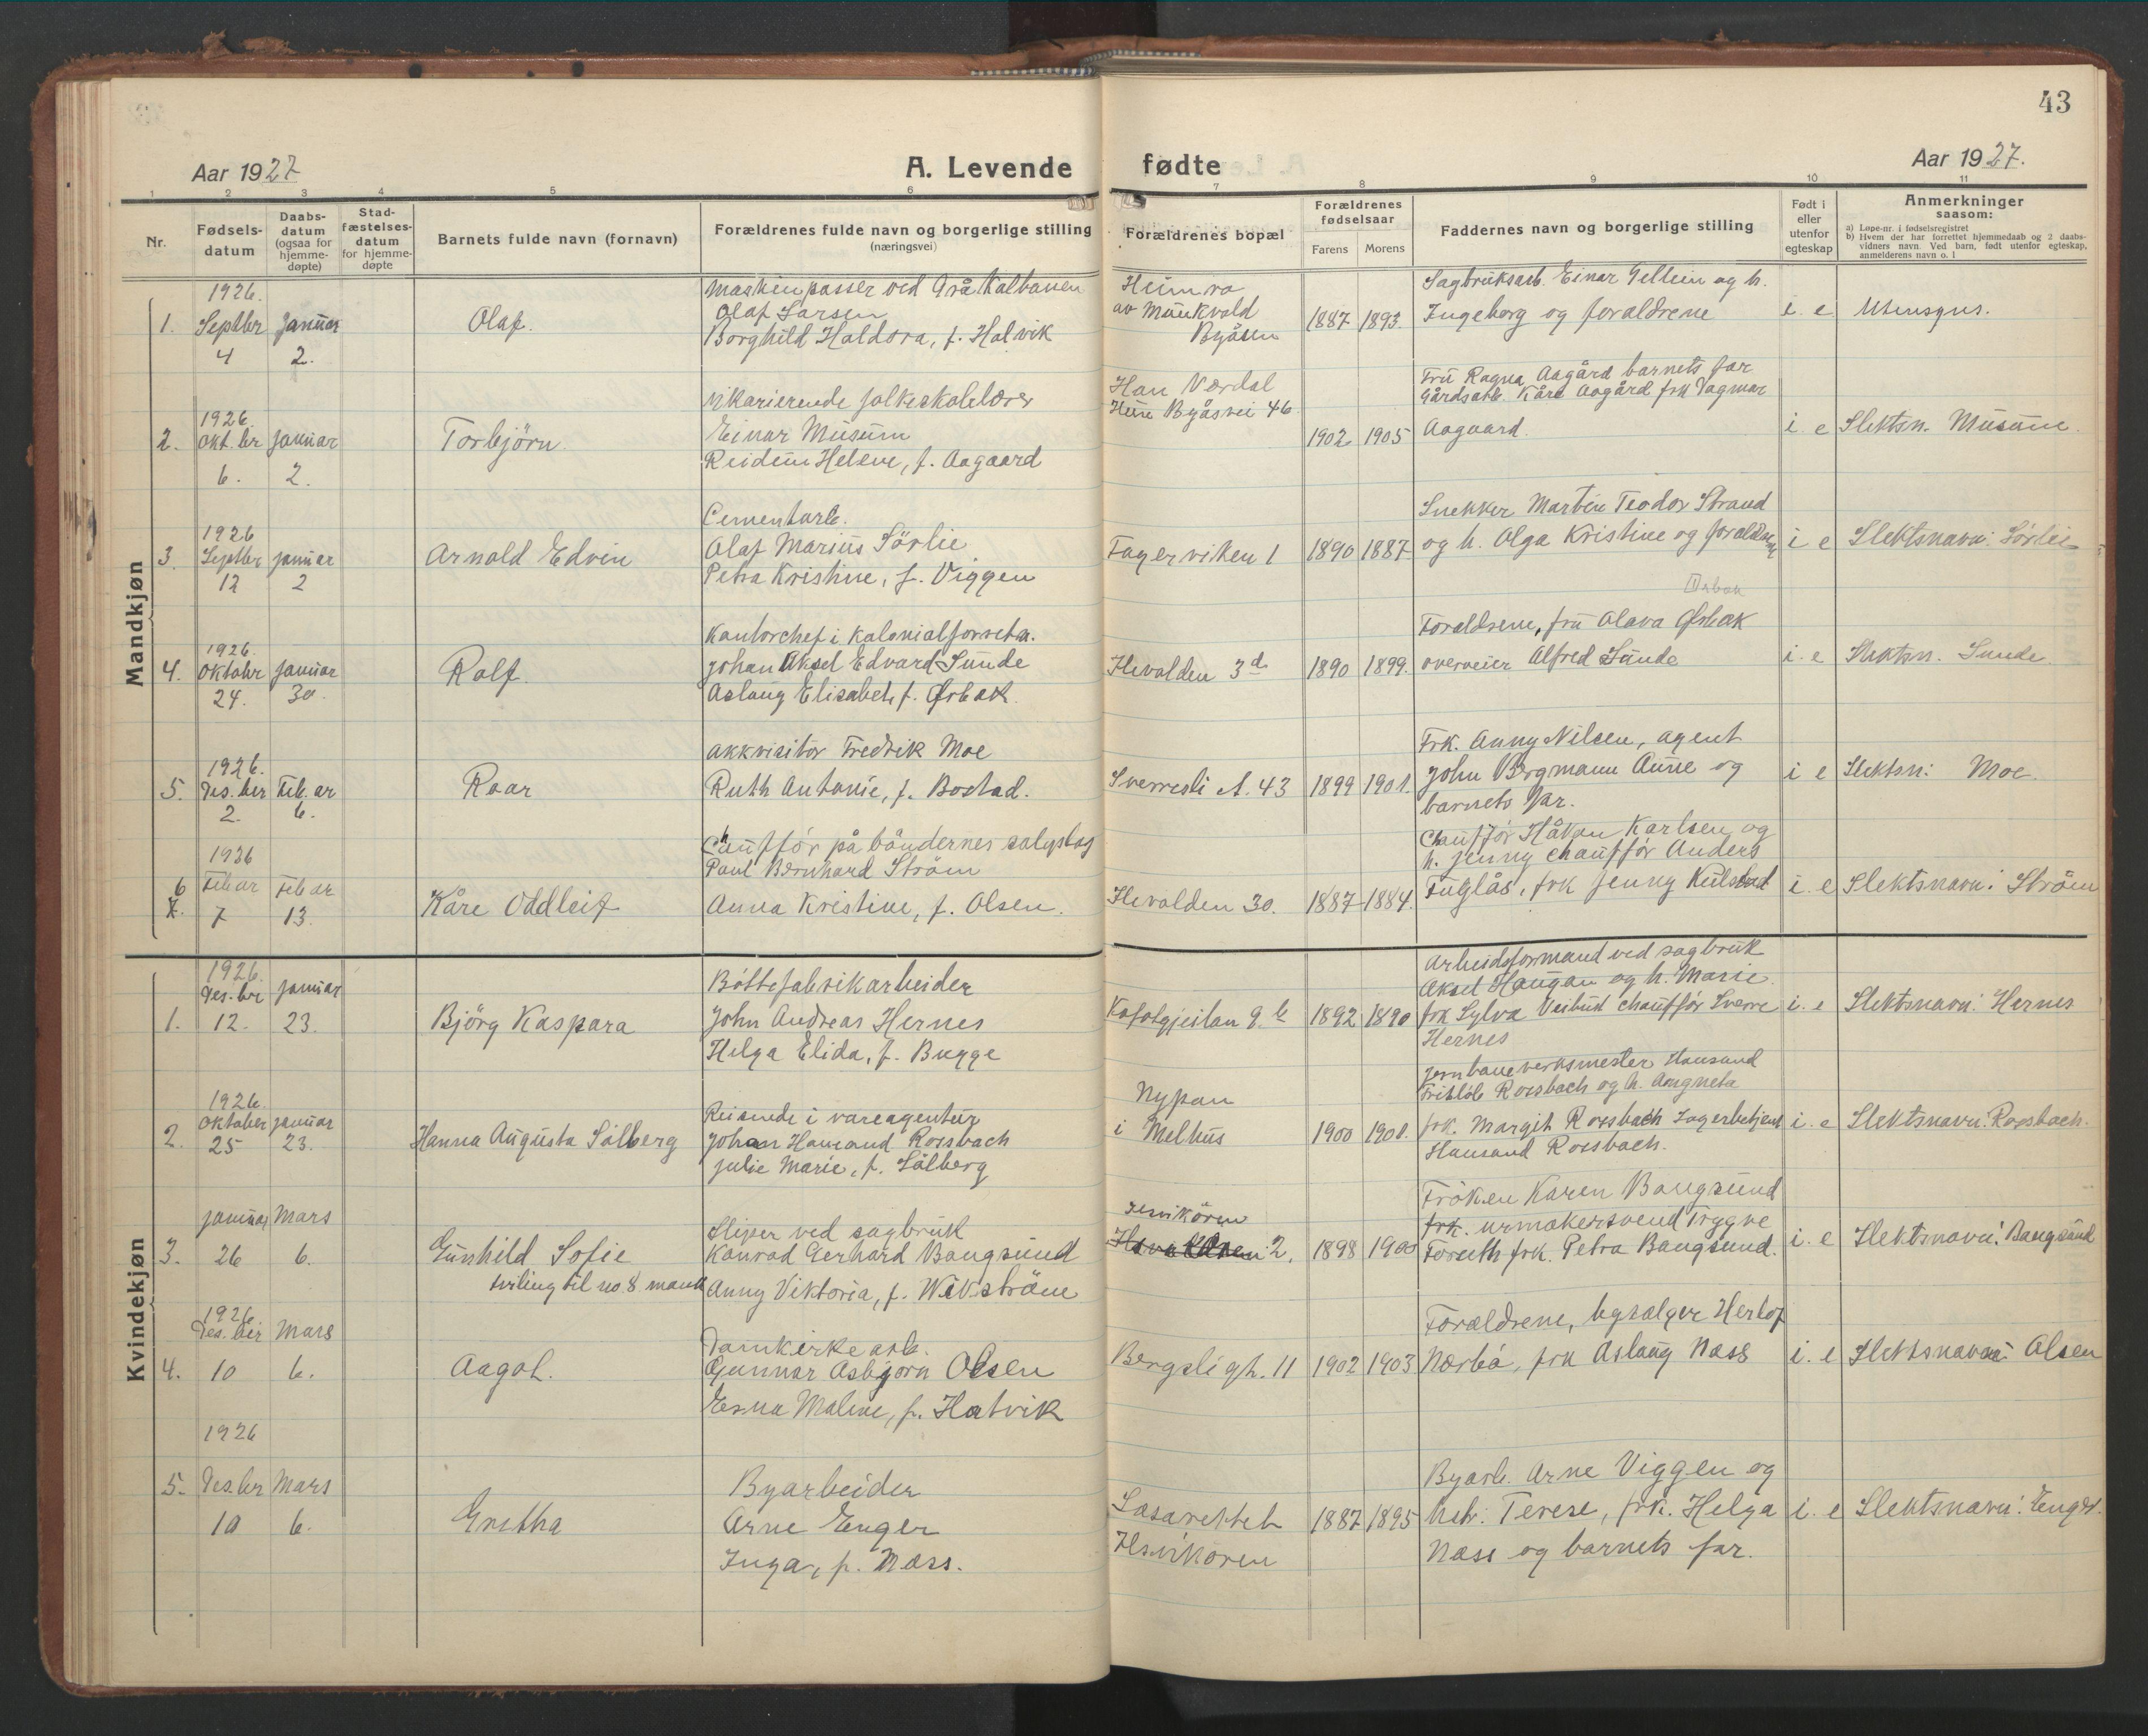 SAT, Ministerialprotokoller, klokkerbøker og fødselsregistre - Sør-Trøndelag, 603/L0174: Klokkerbok nr. 603C02, 1923-1951, s. 43